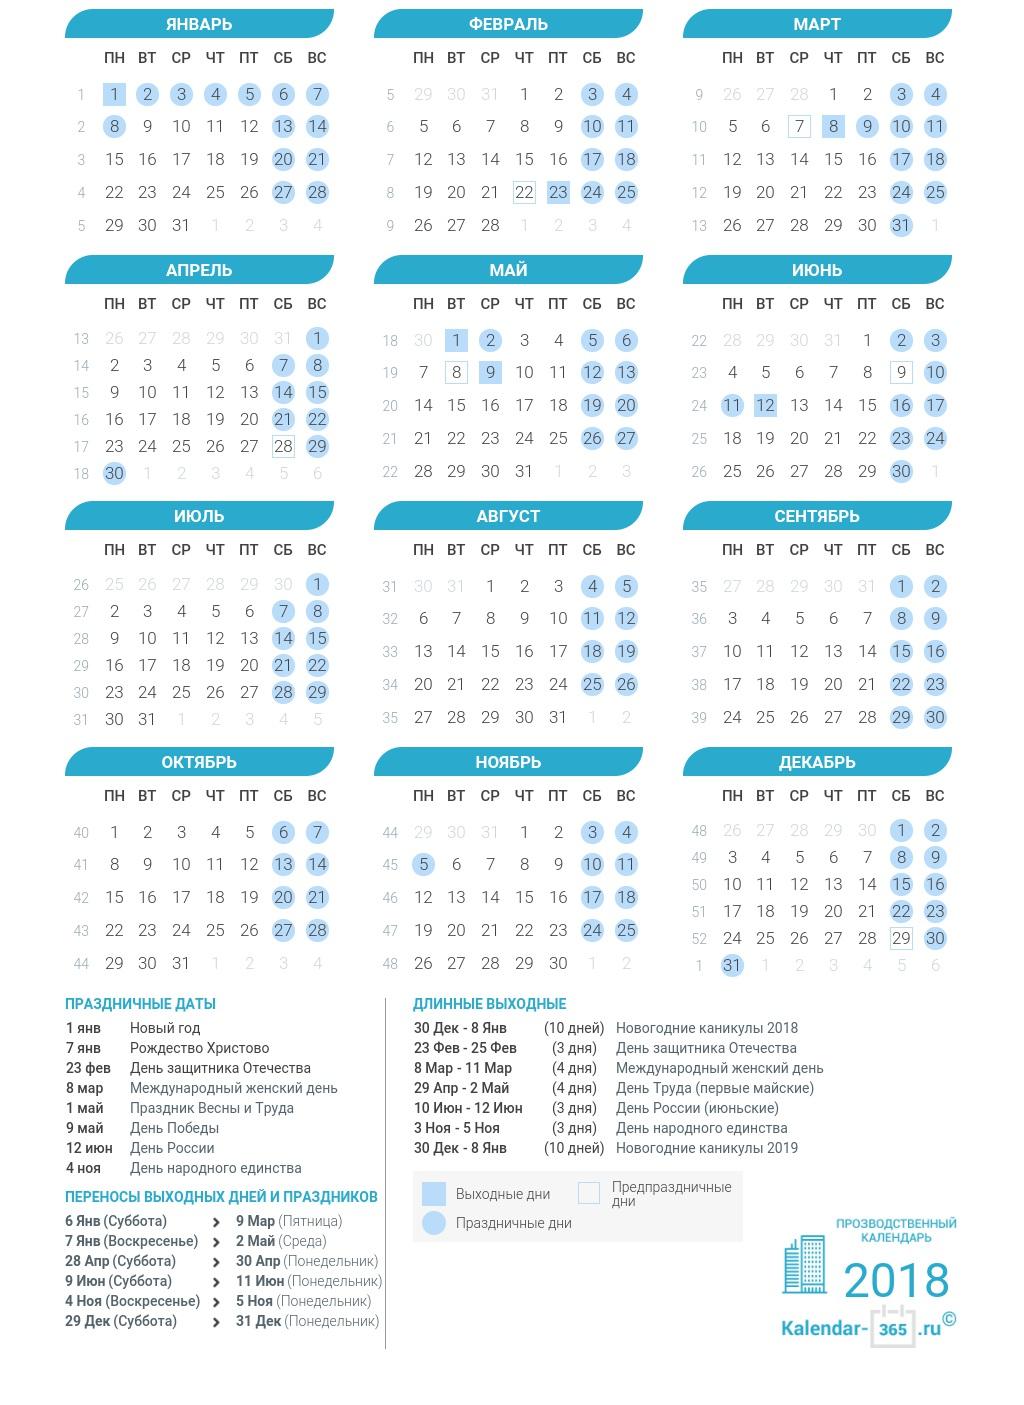 Праздники и выходные дни в октябре 2019 года в России: церковные и государственные новые фото